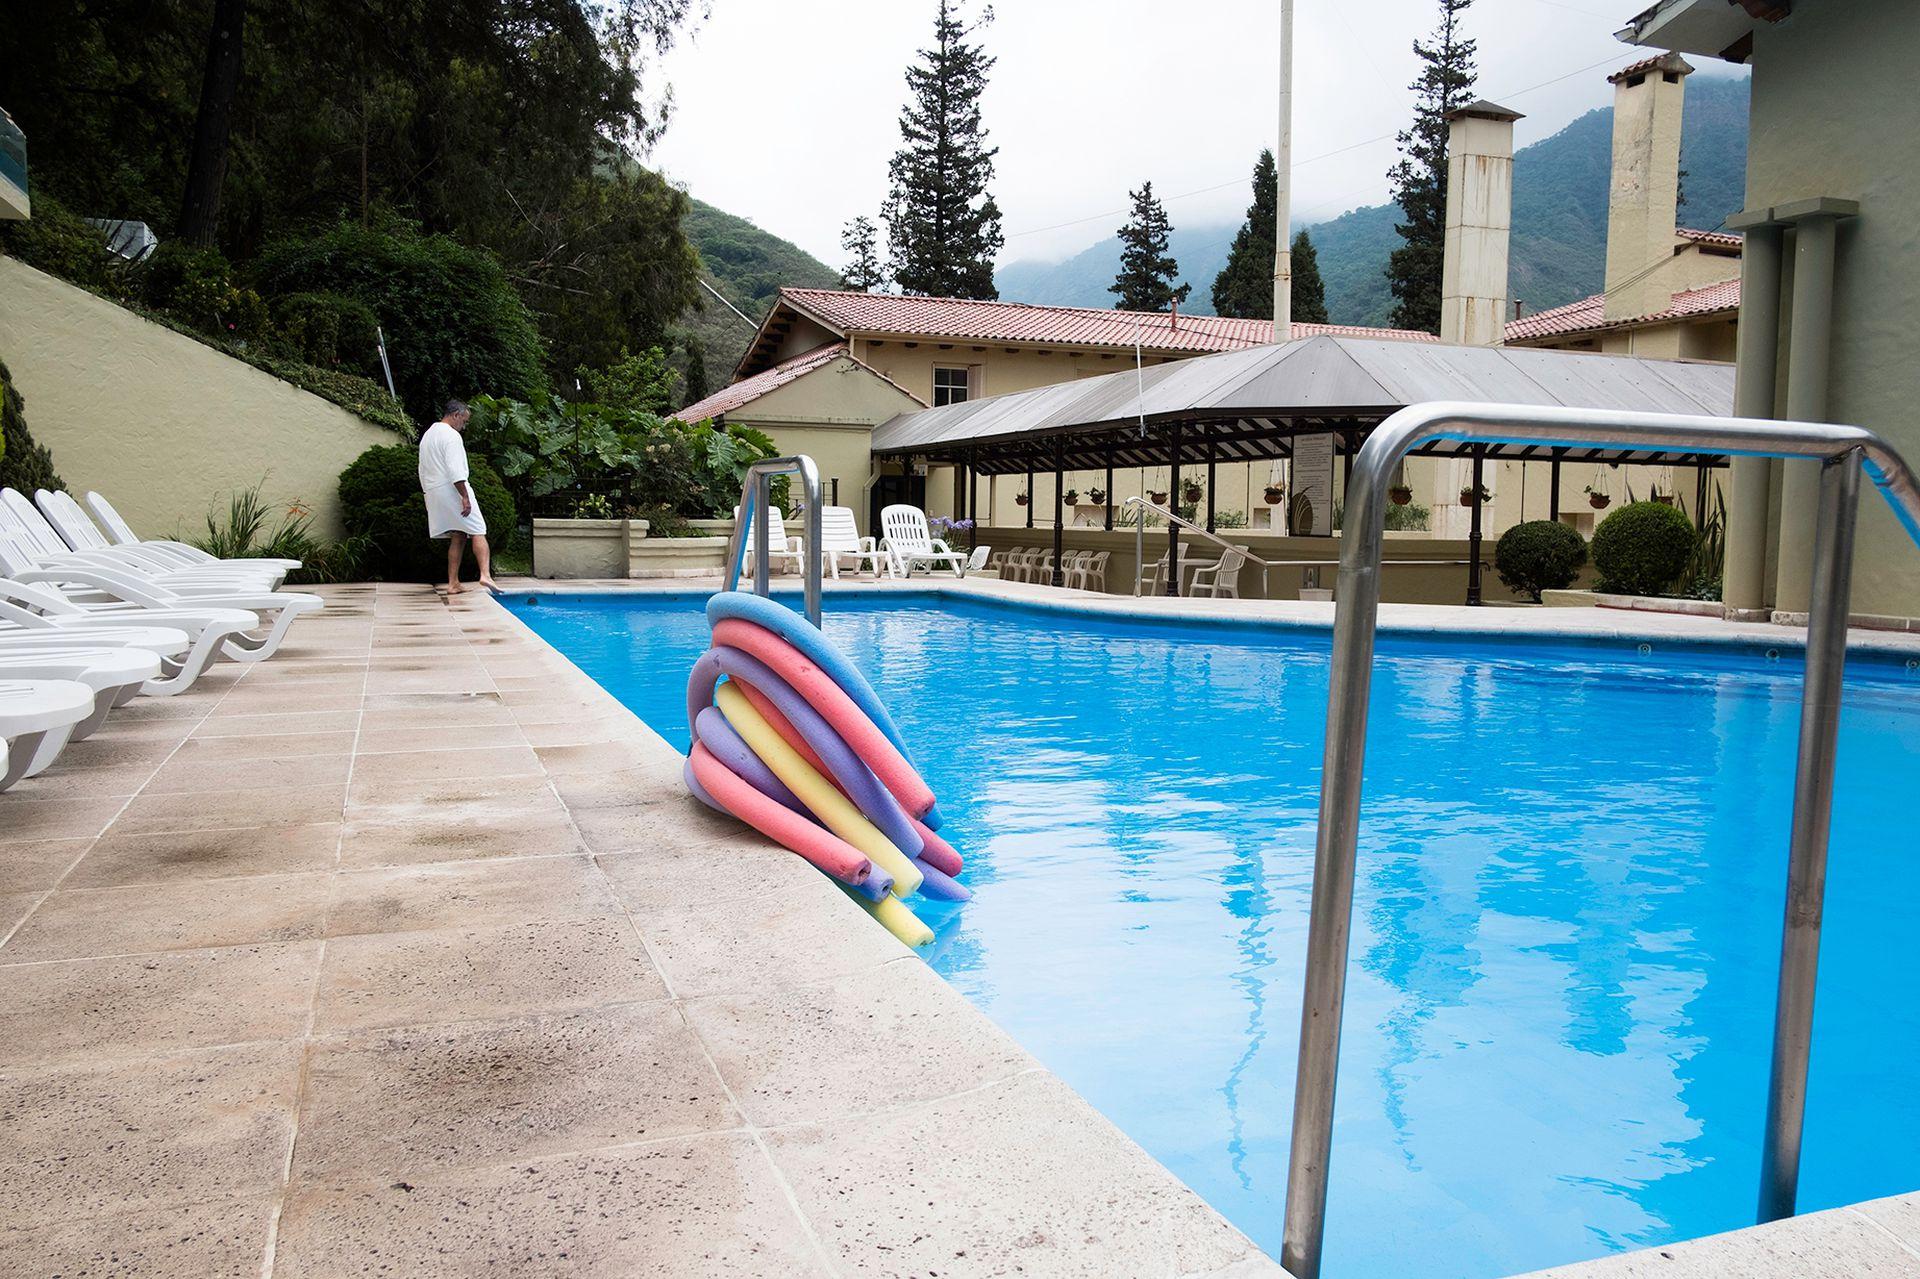 Piscina exterior del hotel Termas de Reyes. También tiene aguas termales.